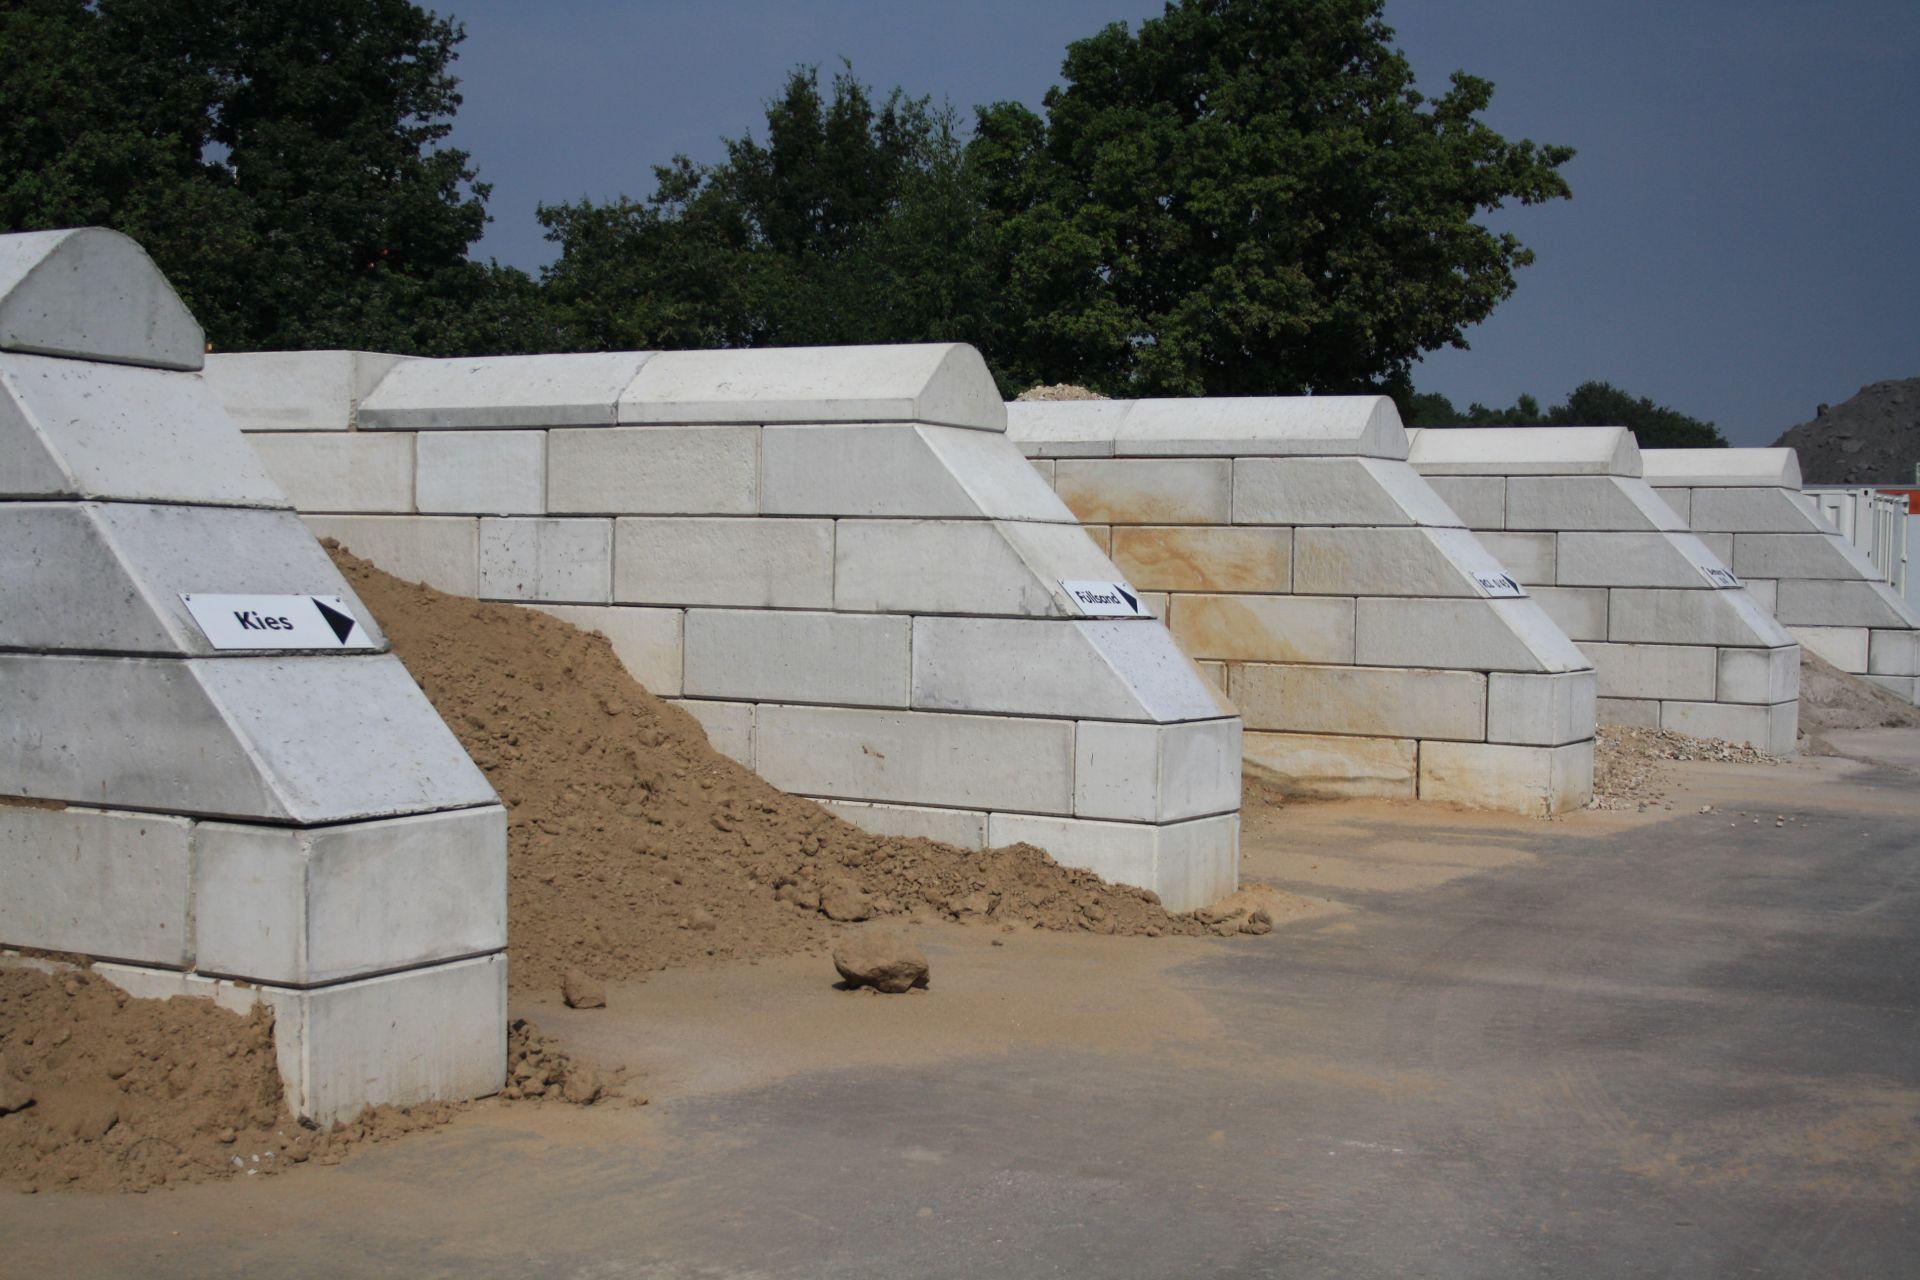 baublocks-schuin-avg-bouwstoffen-heijen